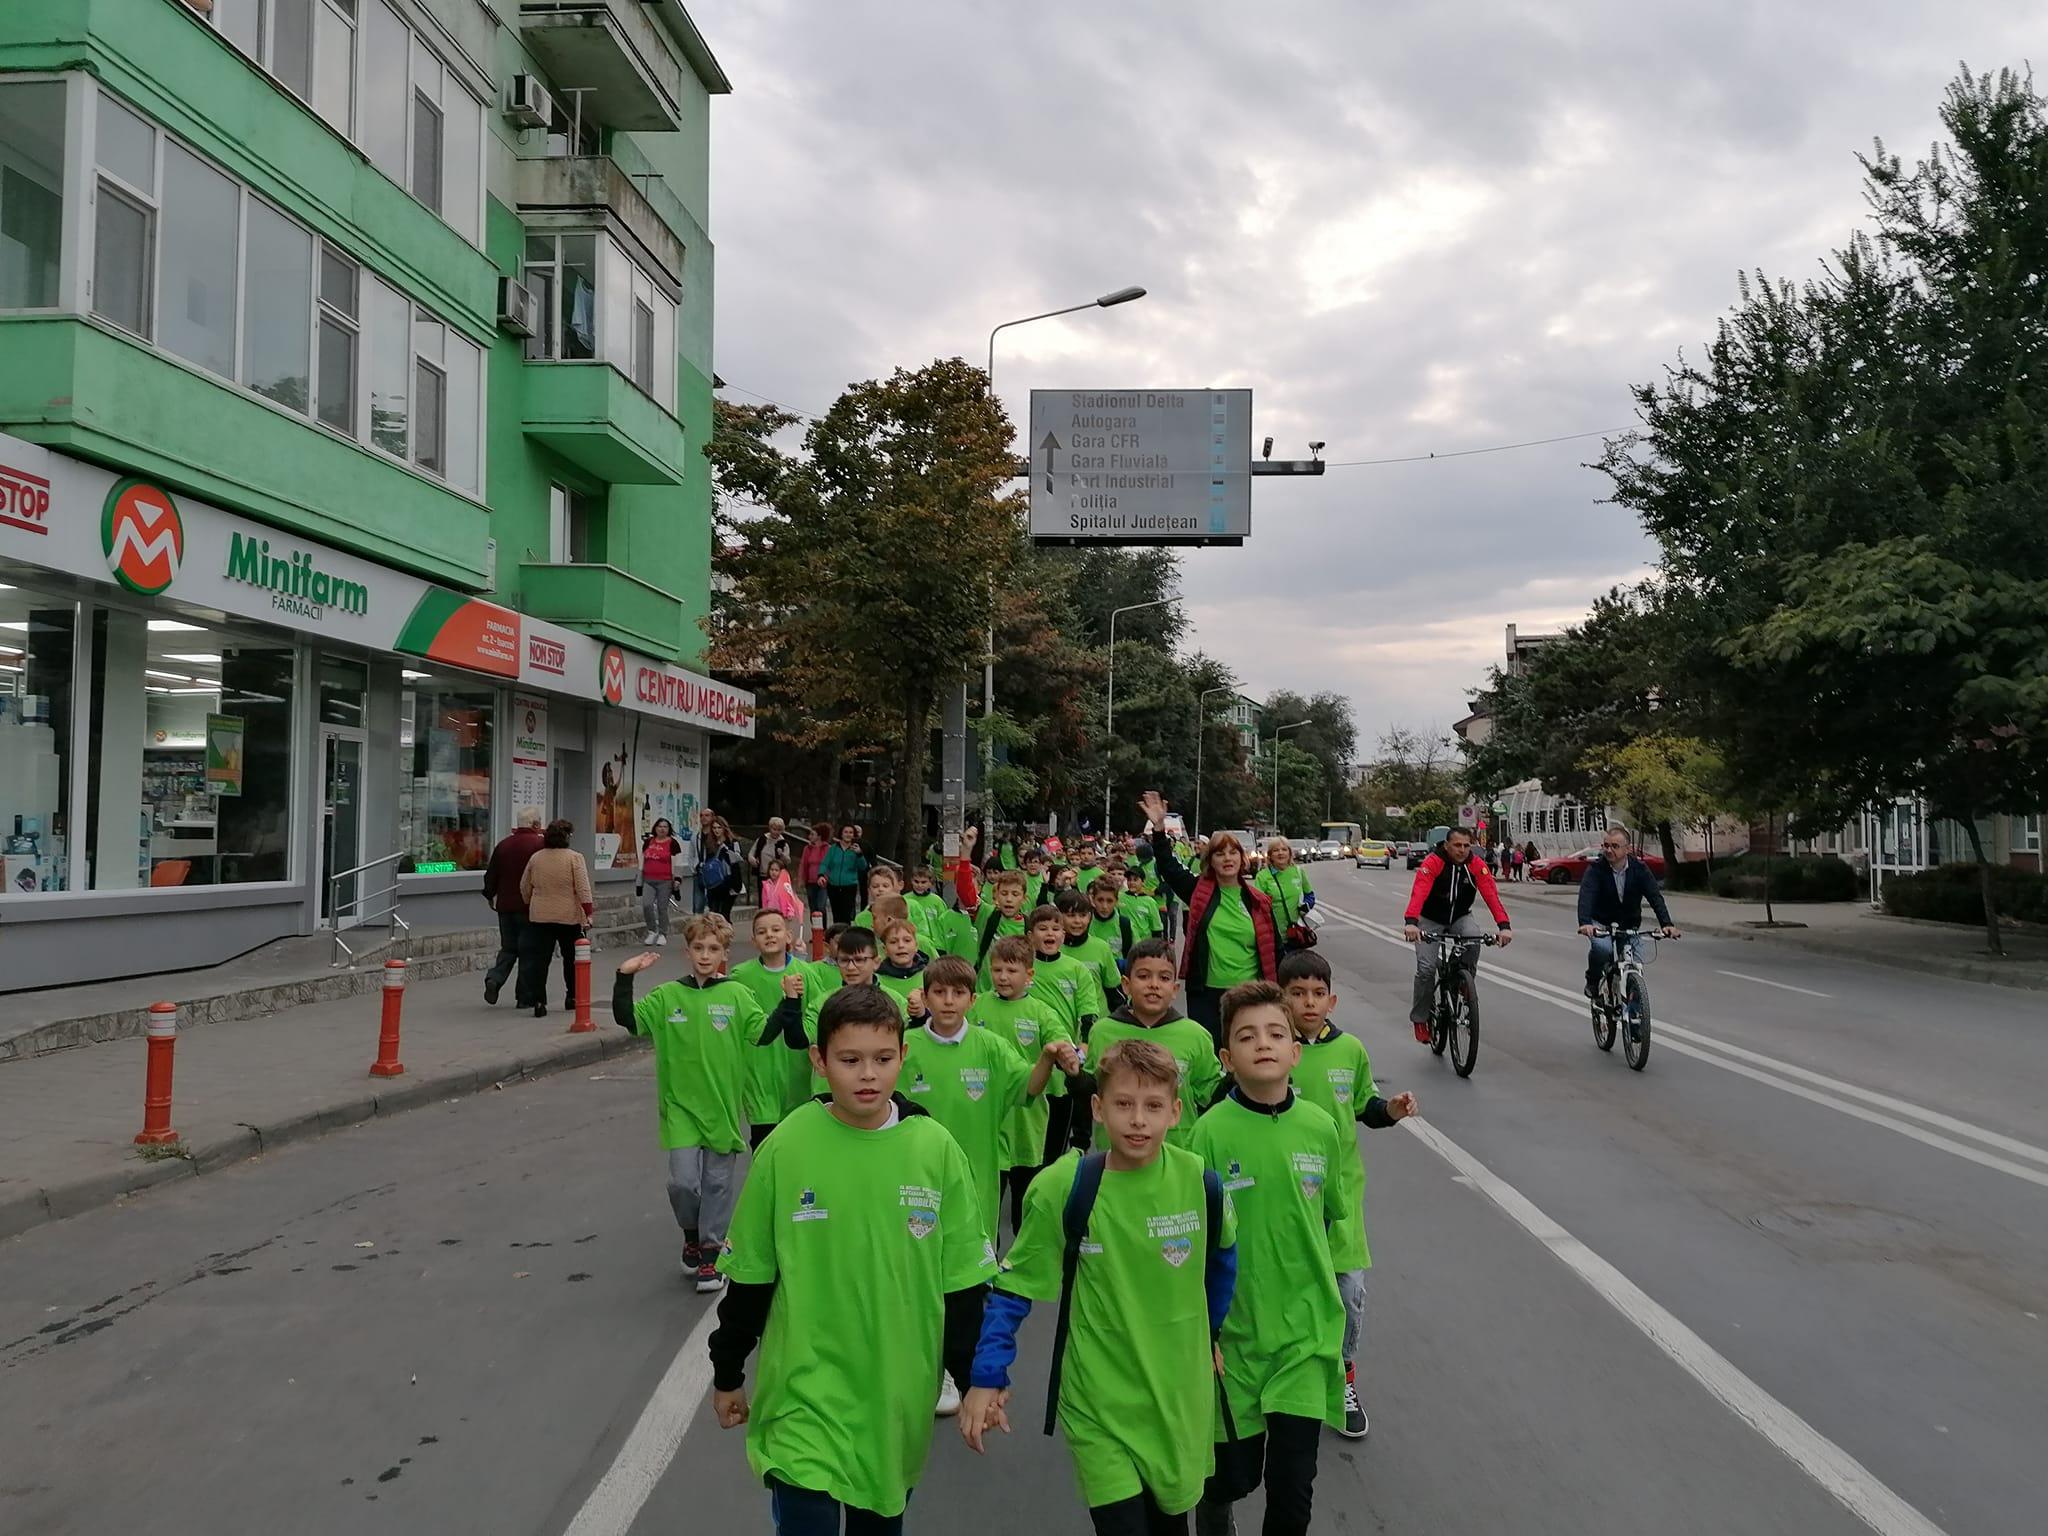 Primarul ar vrea să închidă în weekend strada Isaccei pentru a o dedica bicicletelor sau mersului pe jos